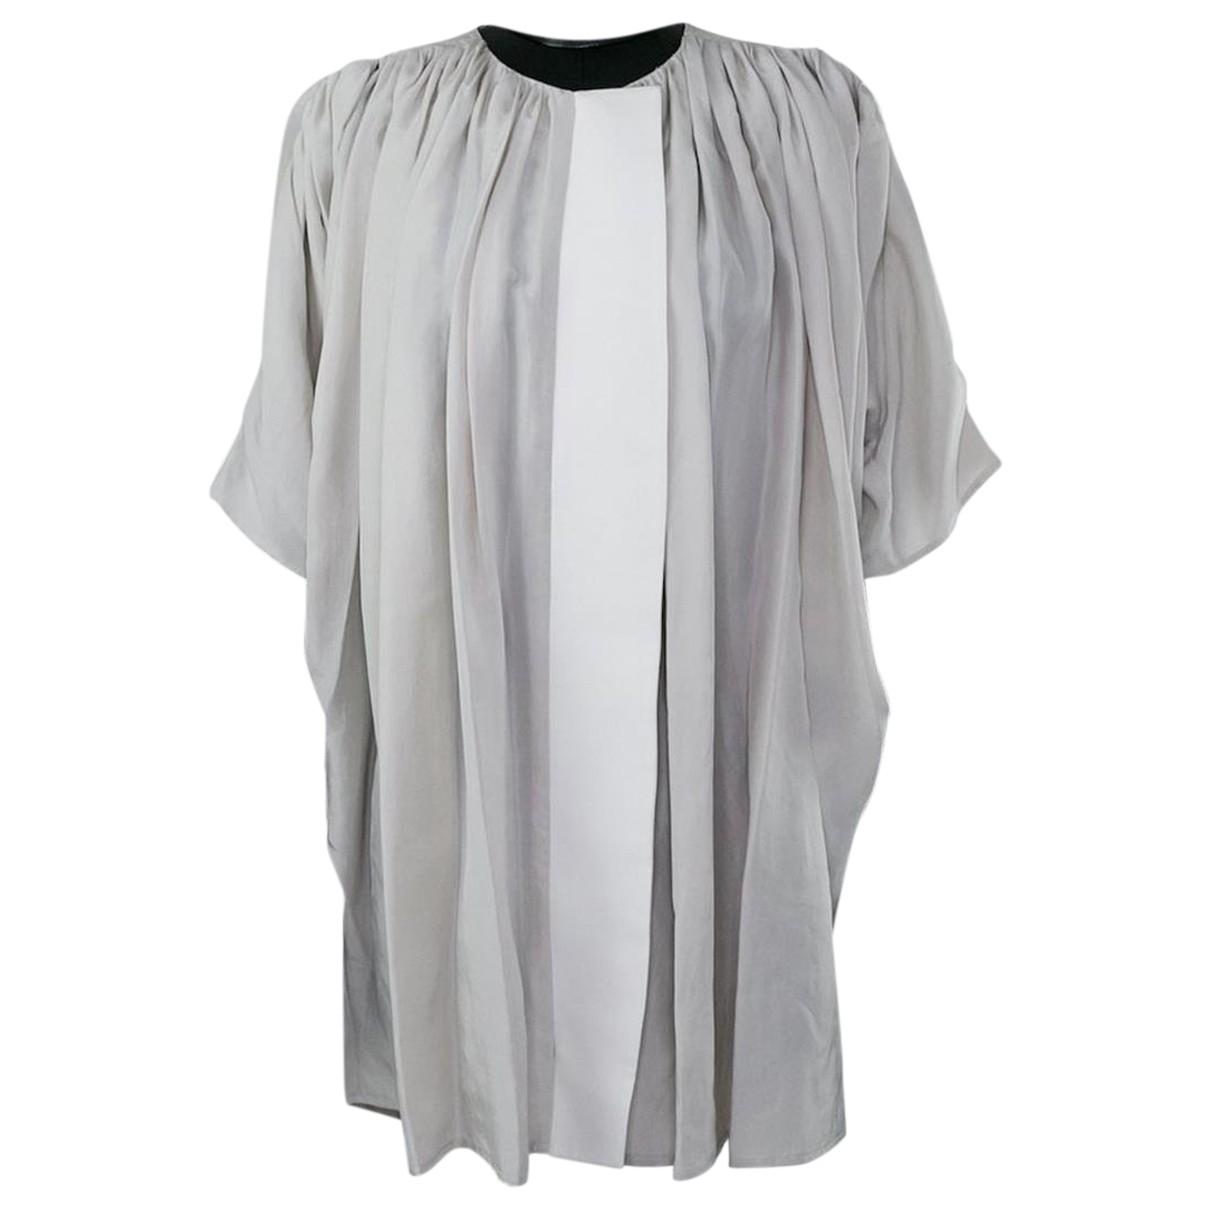 Balenciaga - Top   pour femme en soie - gris